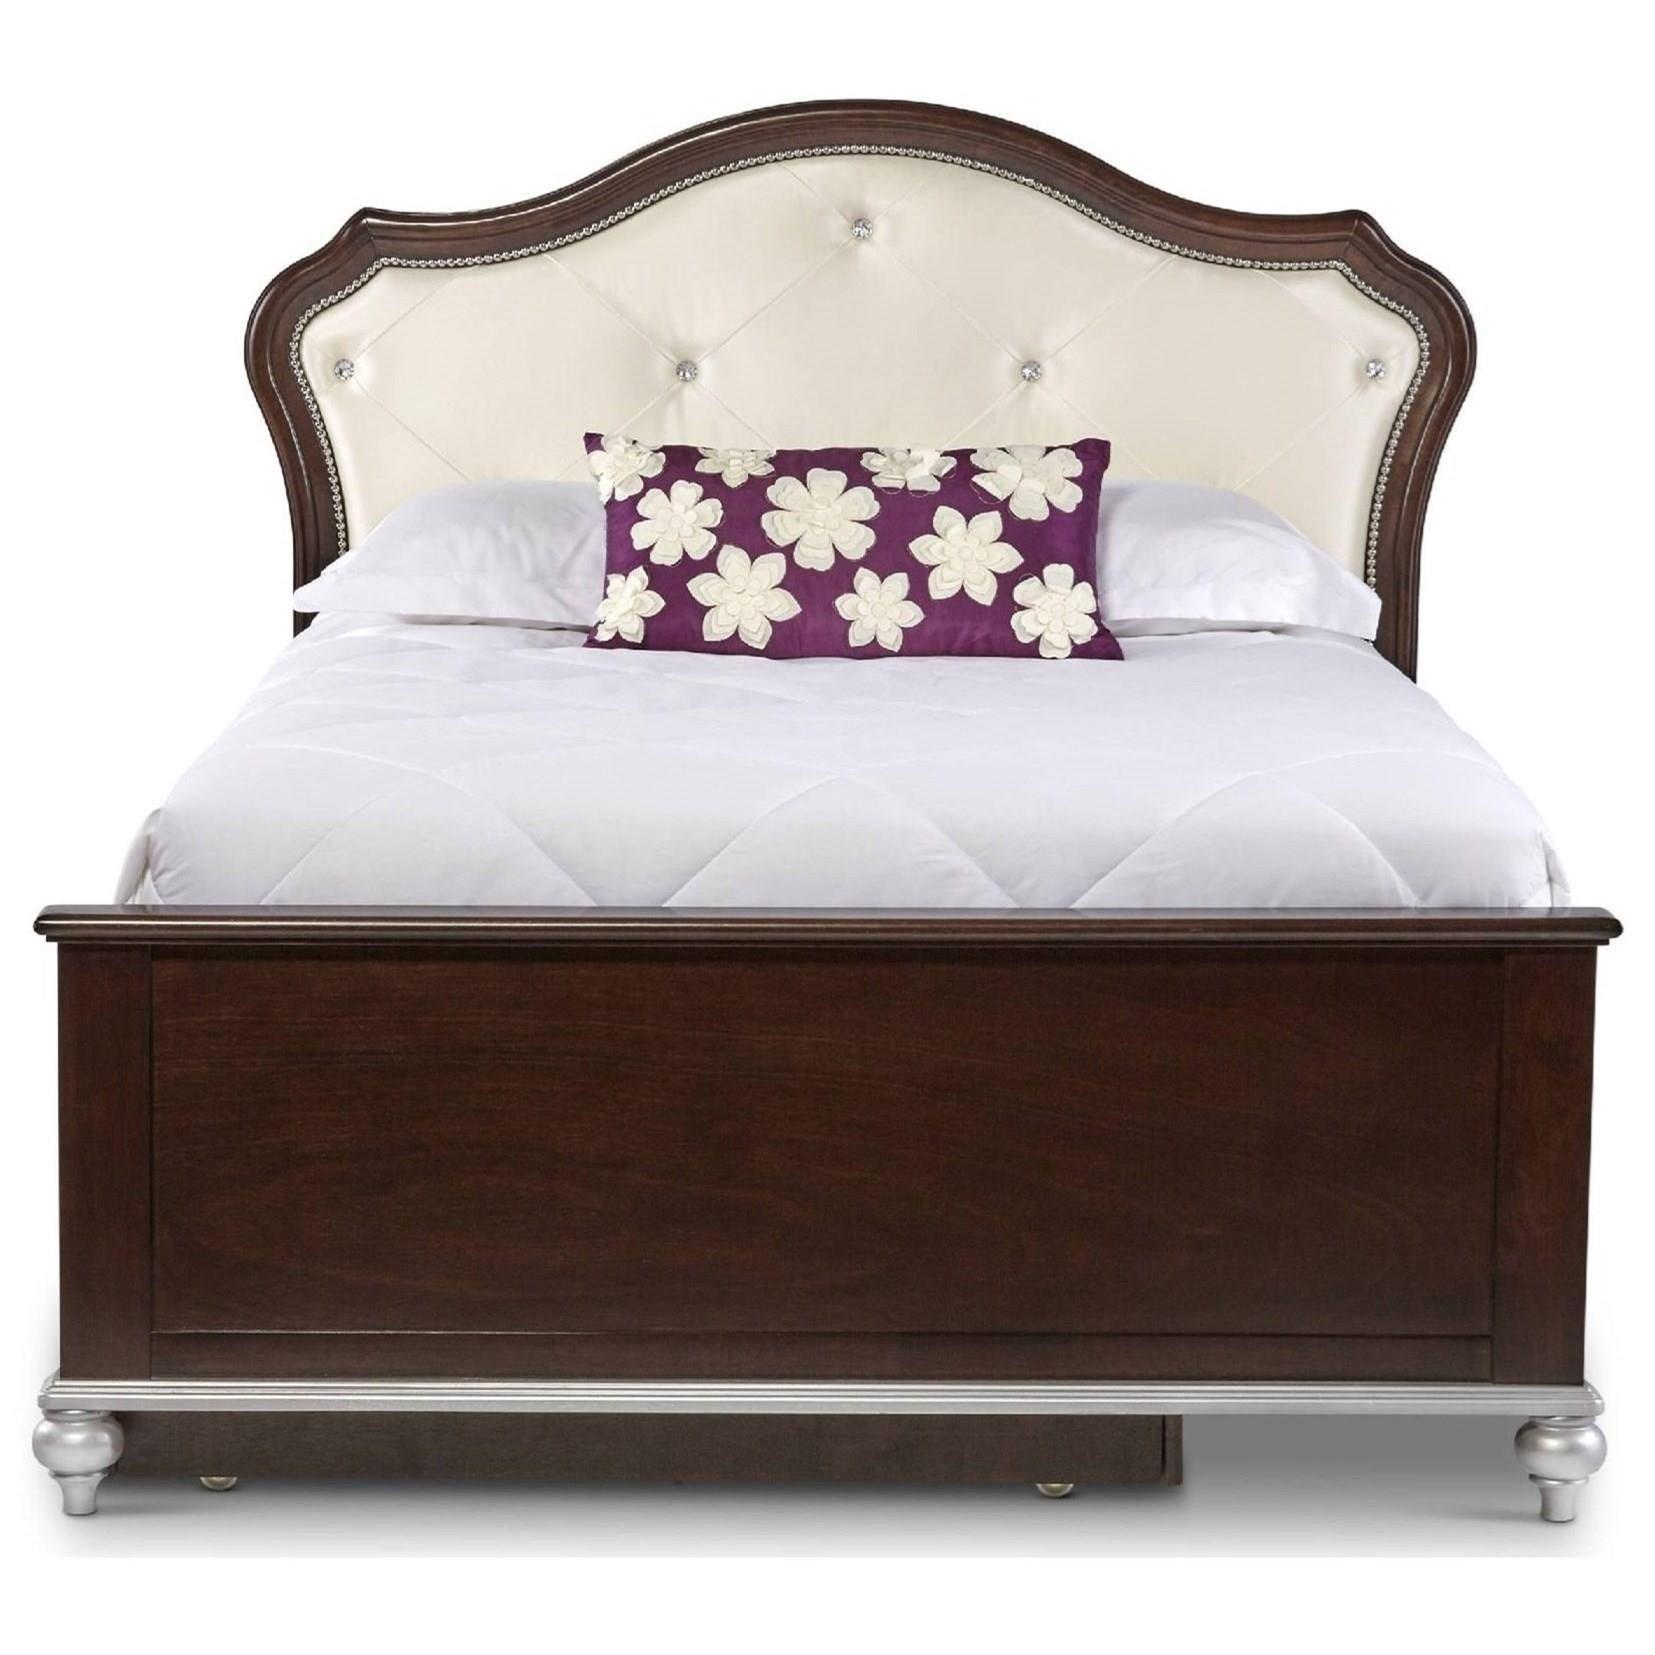 Elements International Allison Full Bed - Item Number: AL300FB